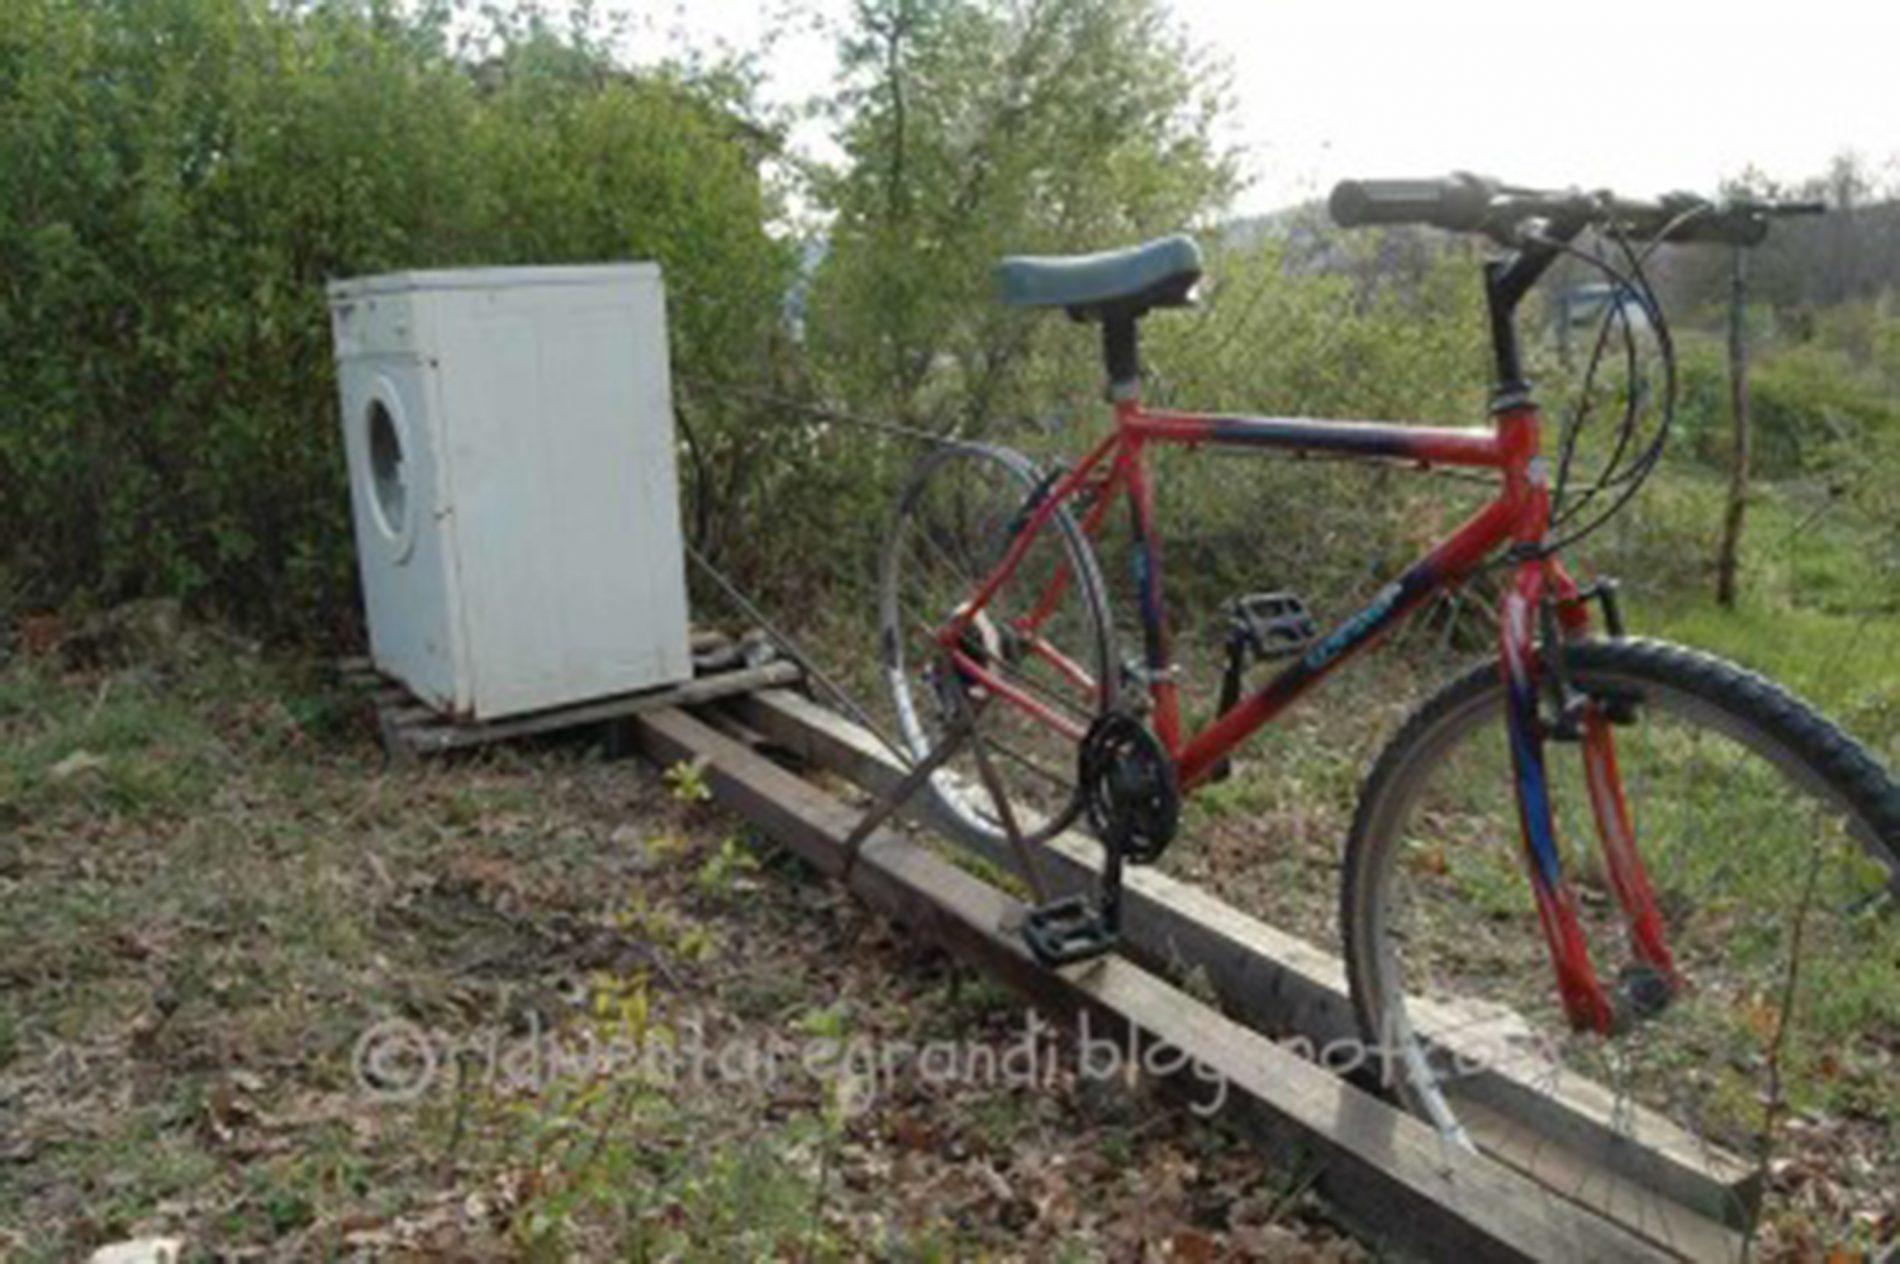 """Vivere bene in maniera sobria? Nell'ecovillaggio """"a pedali"""""""